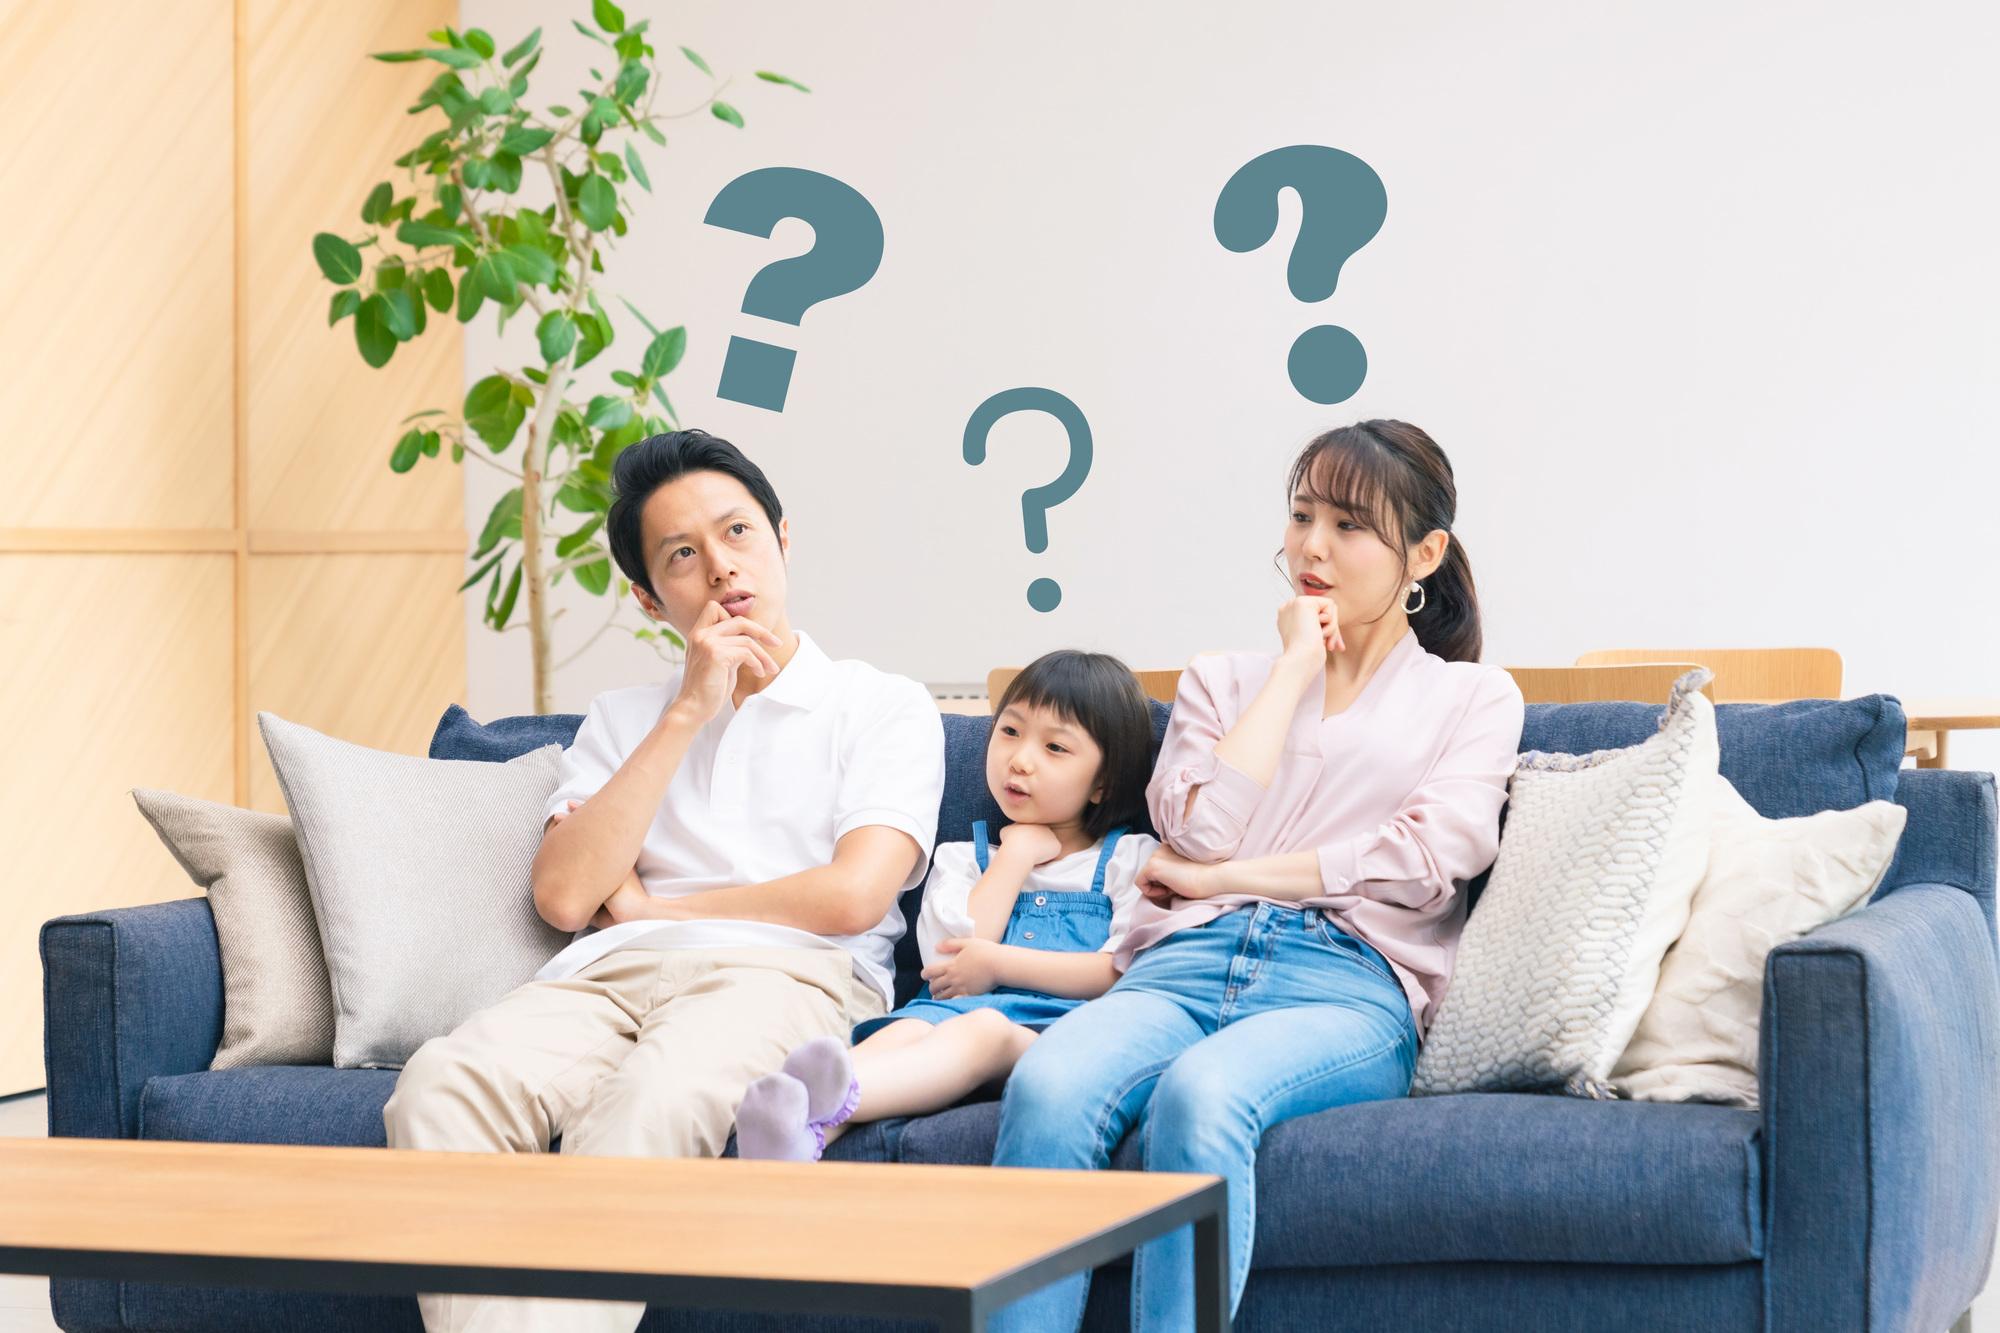 マンション買い替えの手順!始め方や売買の流れ、よくある失敗例を解説